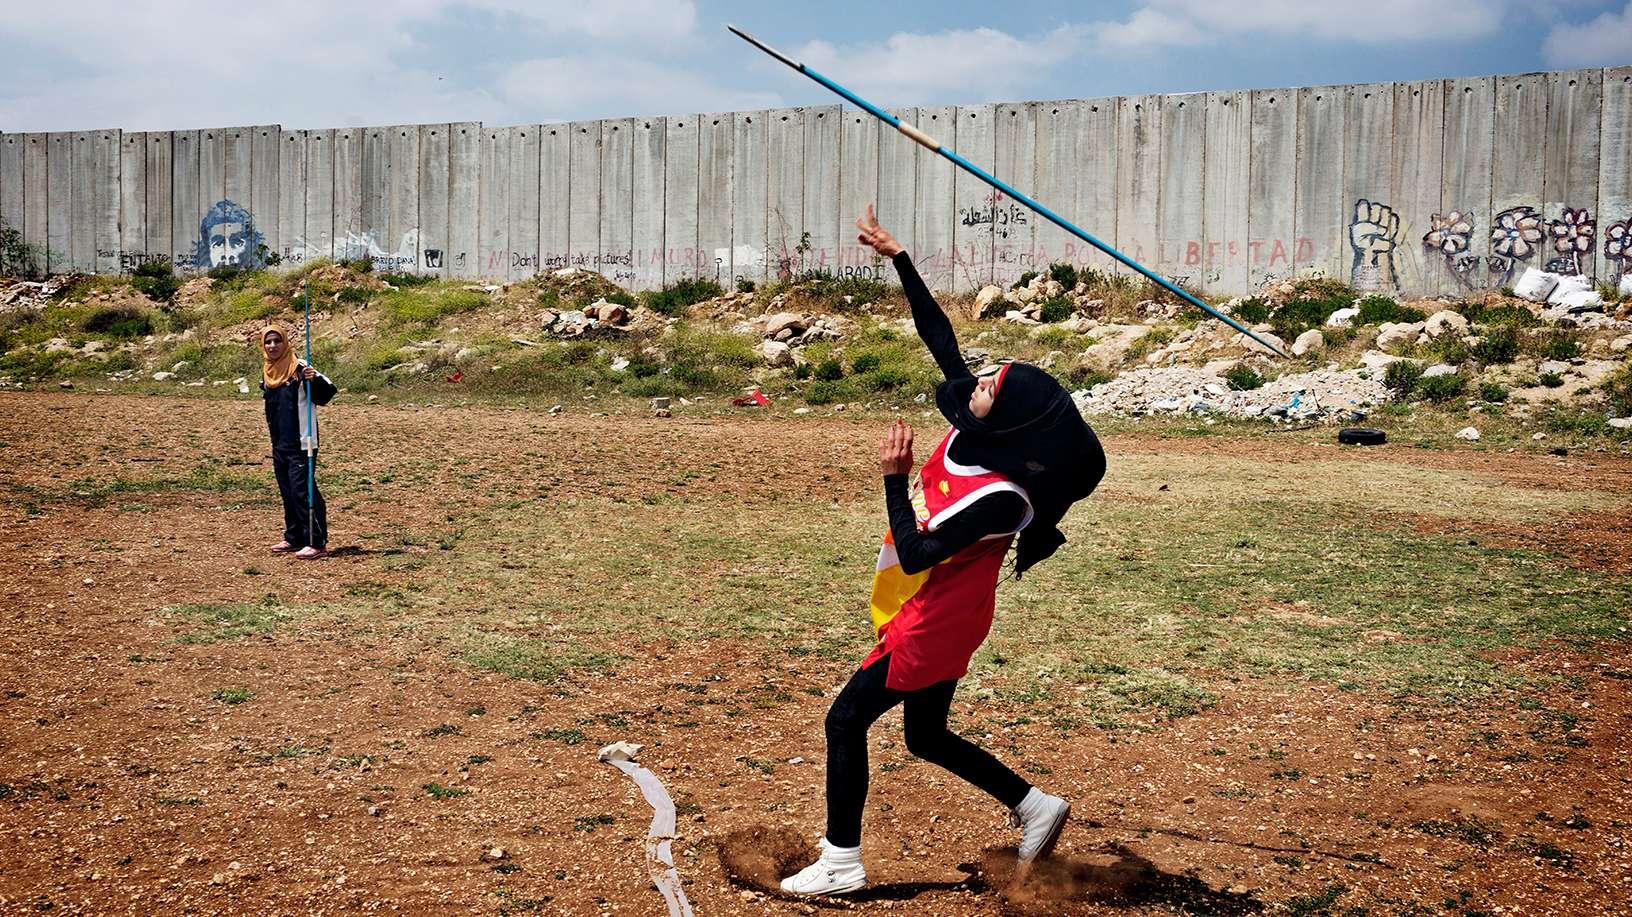 Frau in Sportbekleidung mit Kopftuch wirft einen Speer.